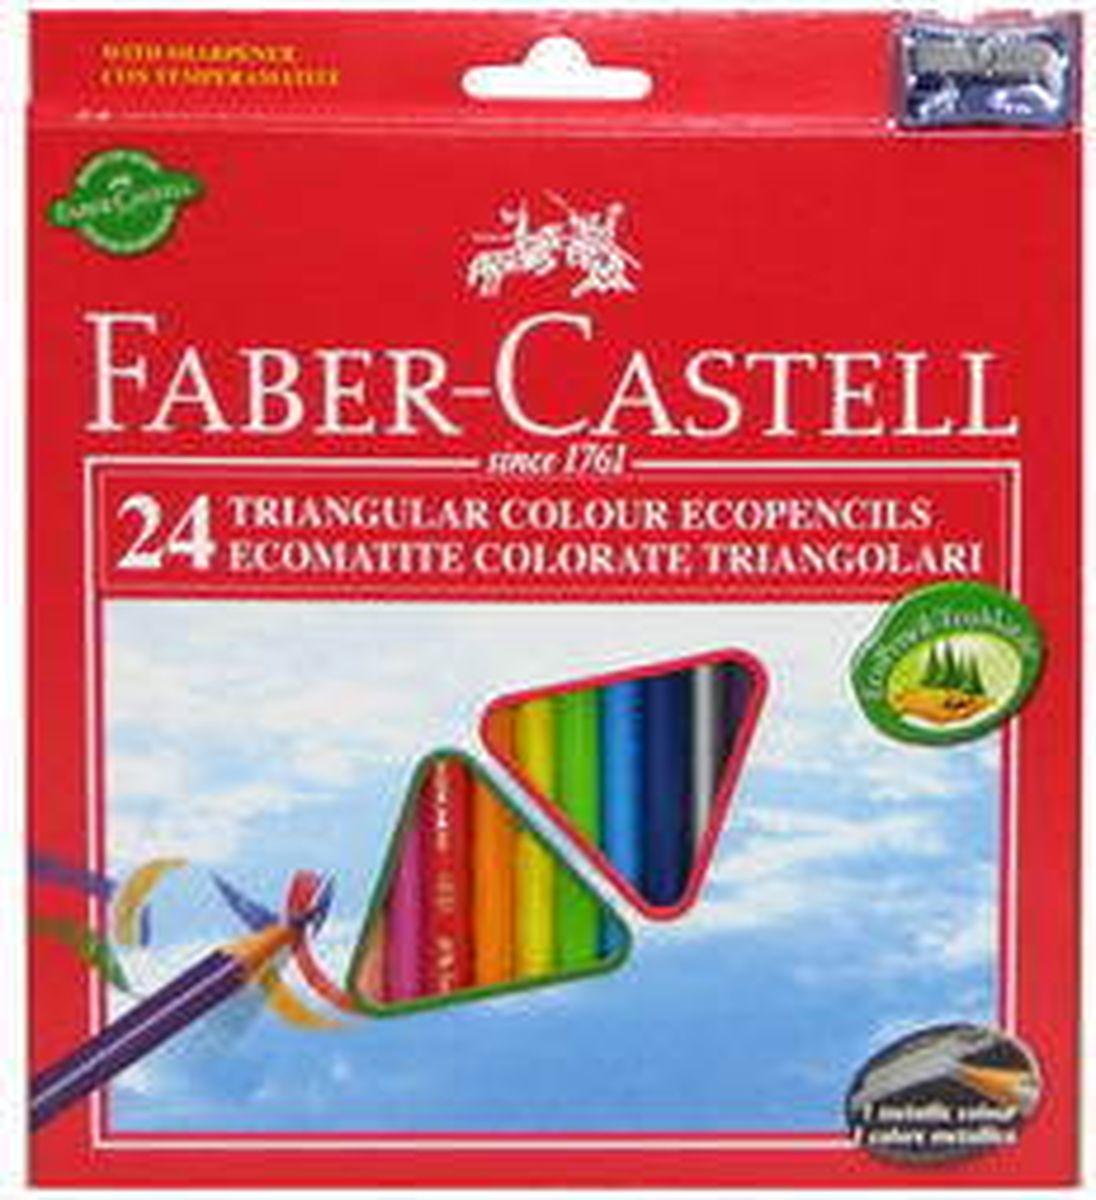 Faber-Castell Набор цветных карандашей Eco с точилкой 24 шт120524Трехгранные цветные карандашис точилкой,эргономичная трехгранная форма• яркие, насыщенные цвета• отстирываются с большинства обычных тканей• специальная технология вклеивания (SV)предотвращает поломку грифеля• покрыты лаком на водной основе – бережнымпо отношению к окружающей среде и здоровьюдетей• качественная древесина – гарантия легкогозатачивания при помощи стандартных точилок, в карт. коробке, 24 шт., с точилкой